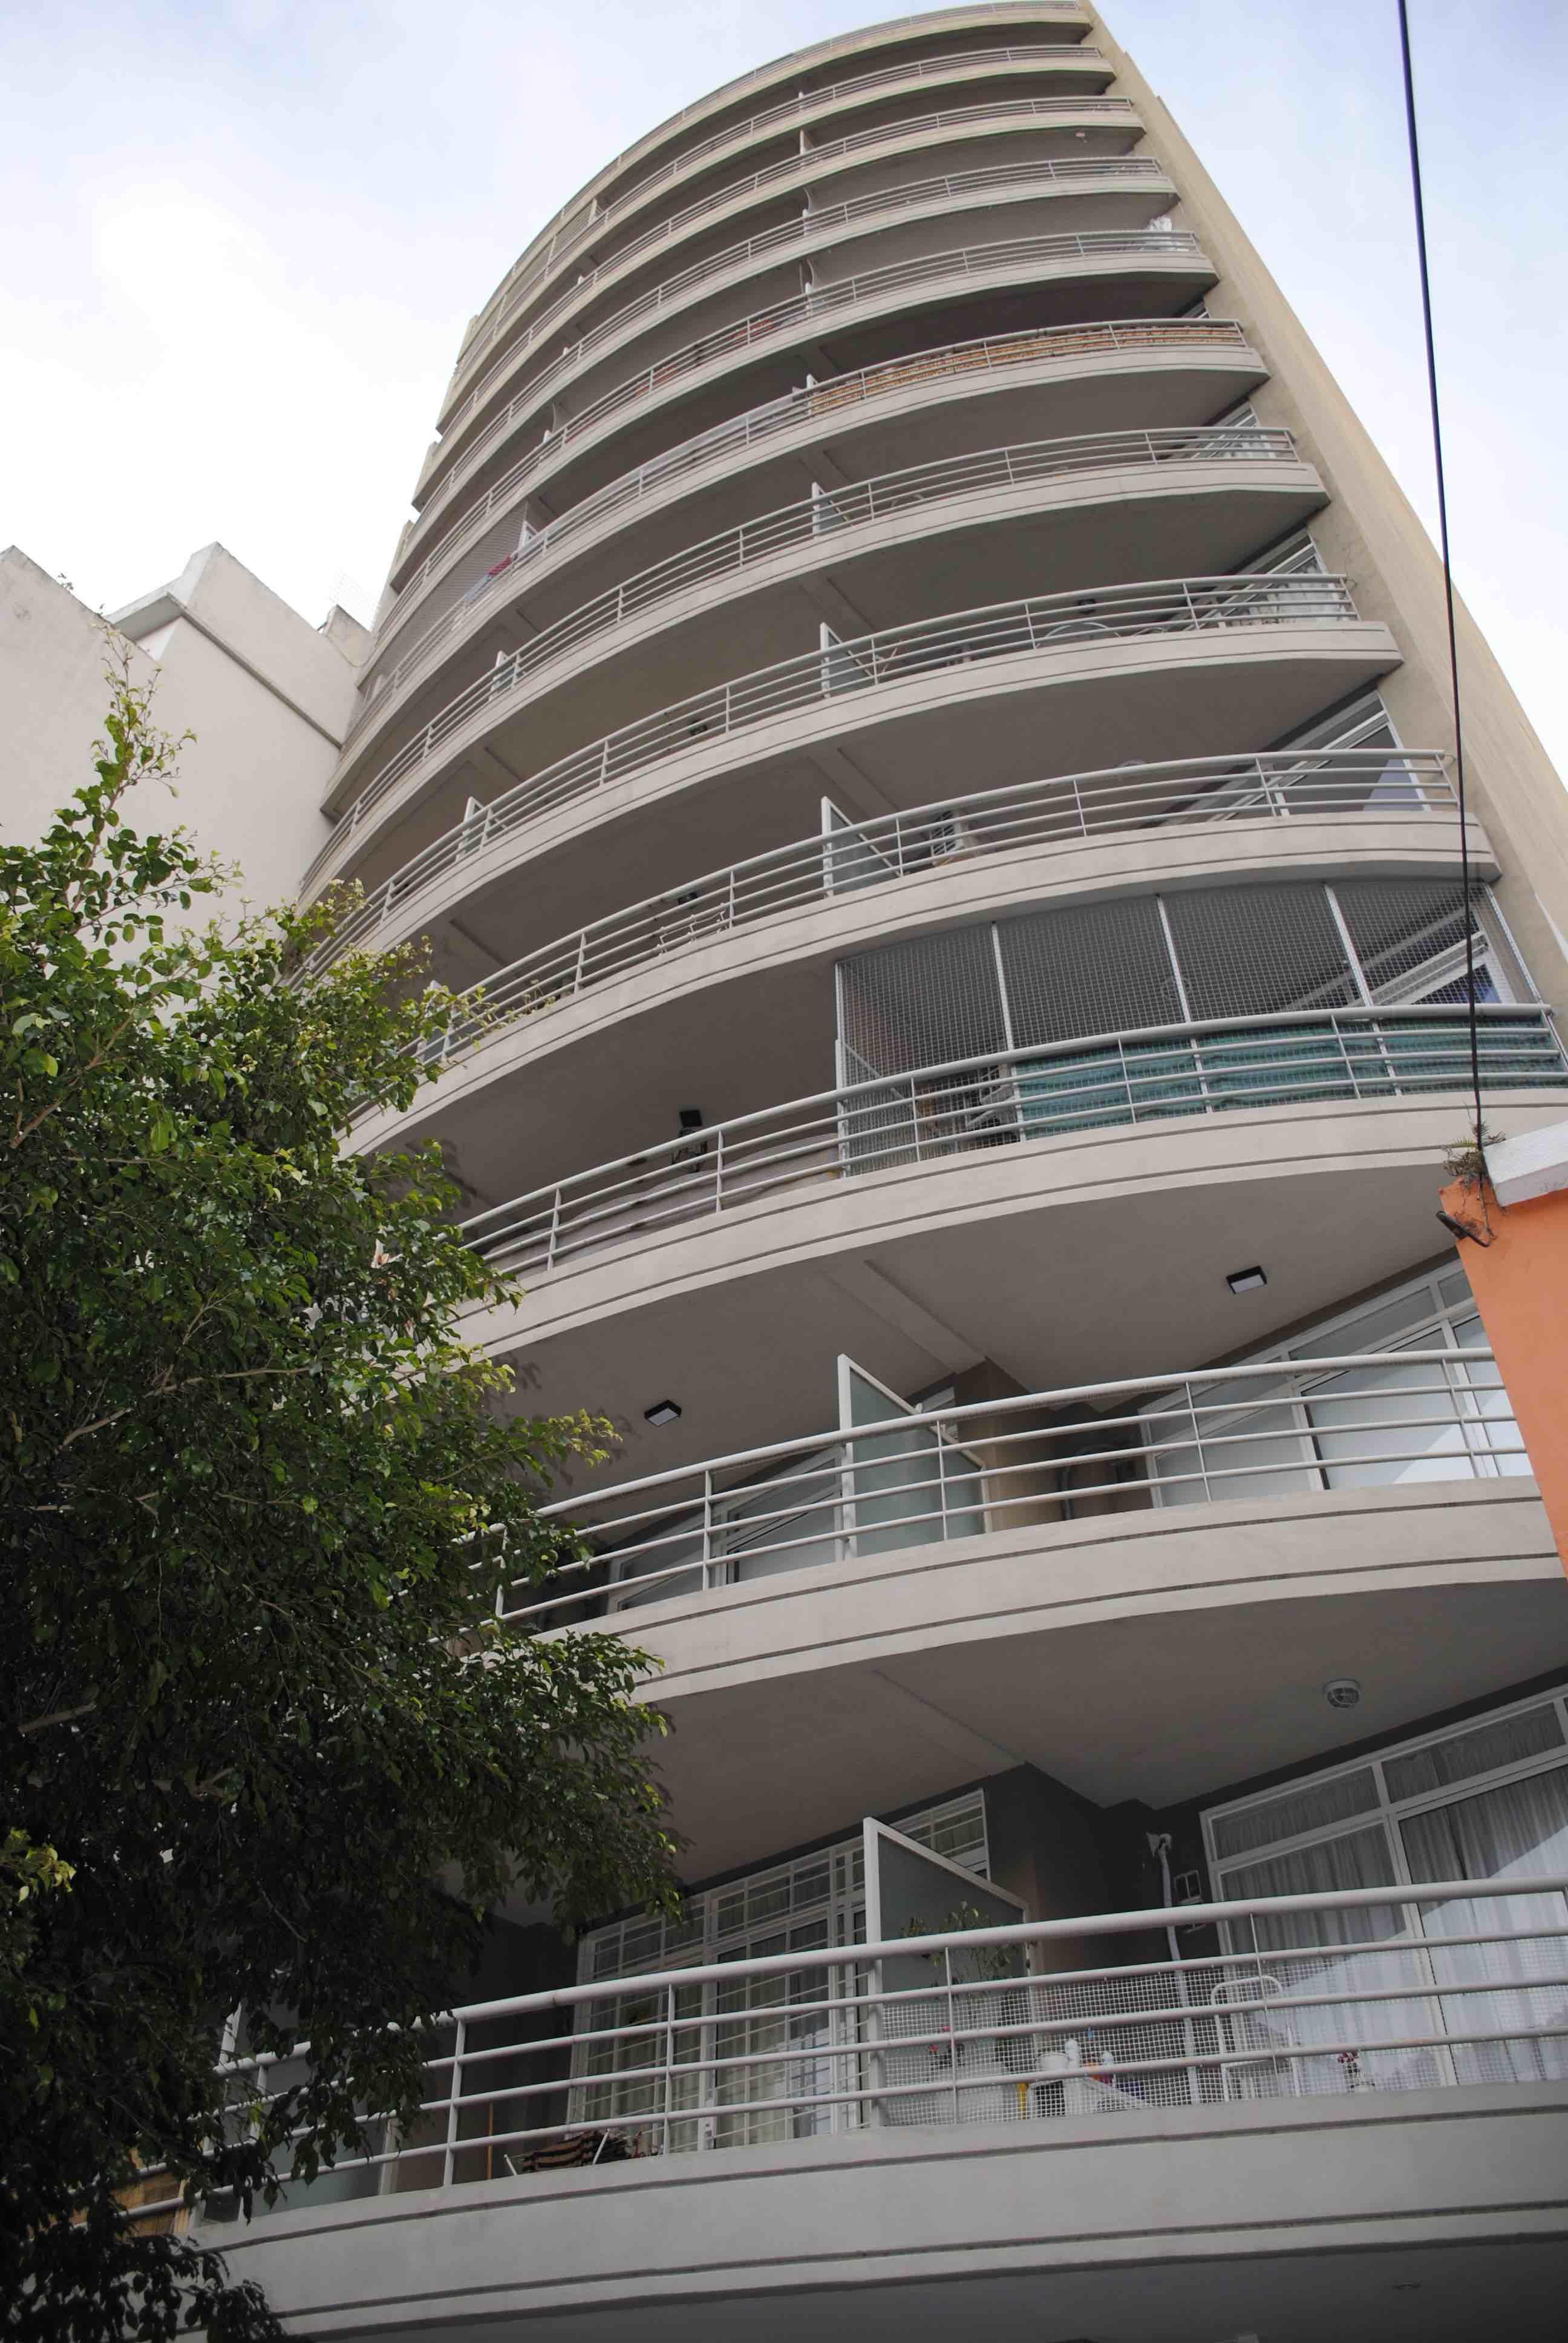 Departamento en Capital Federal, Almagro | VIF635 | Viñuela & Ferracioli Servicios Inmobiliarios